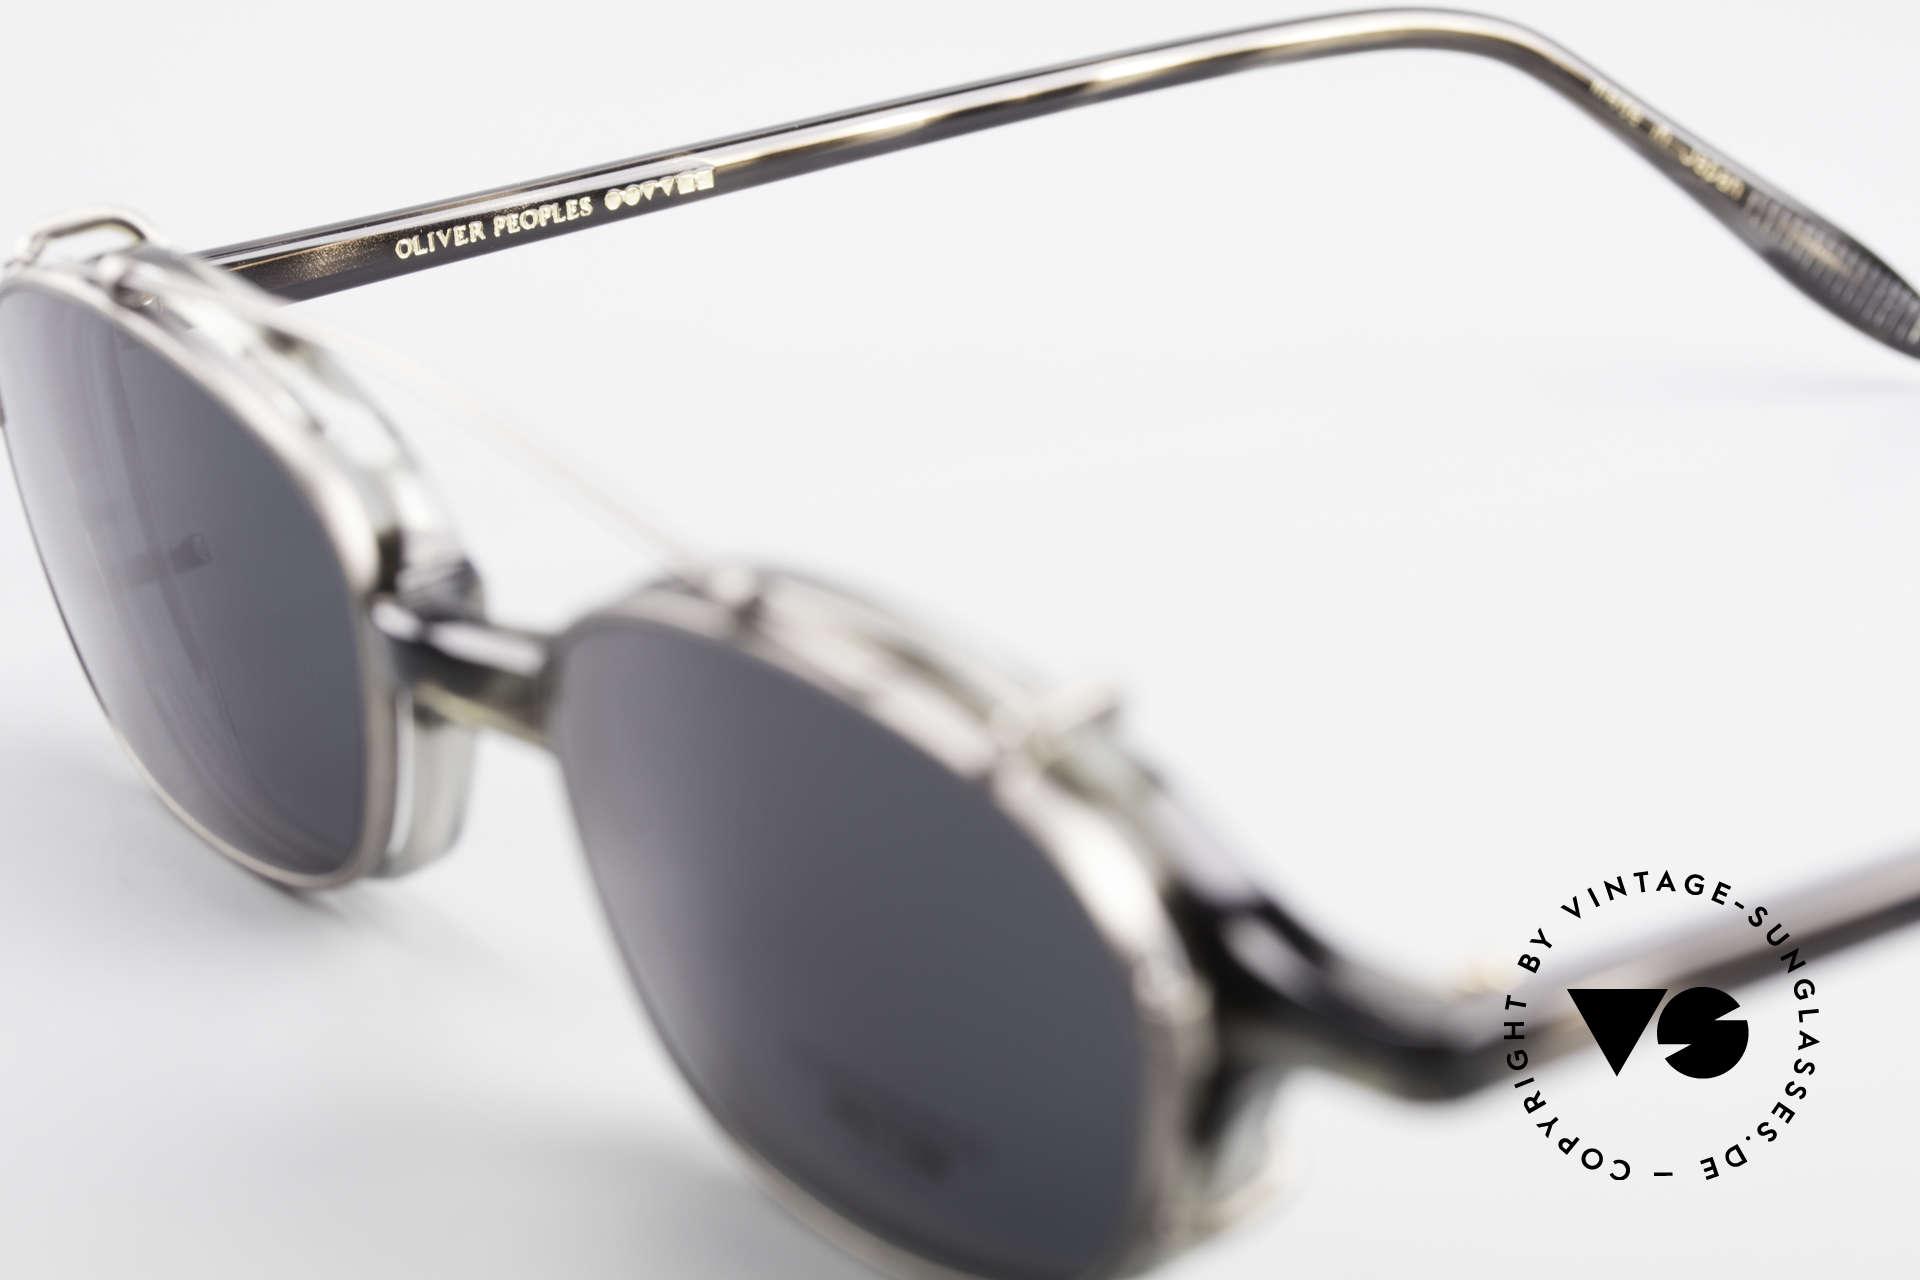 Oliver Peoples OP561 Vintage 90er Brille Mit Clip, KEINE Retrobrille; sondern ein 20 Jahre altes Original, Passend für Herren und Damen